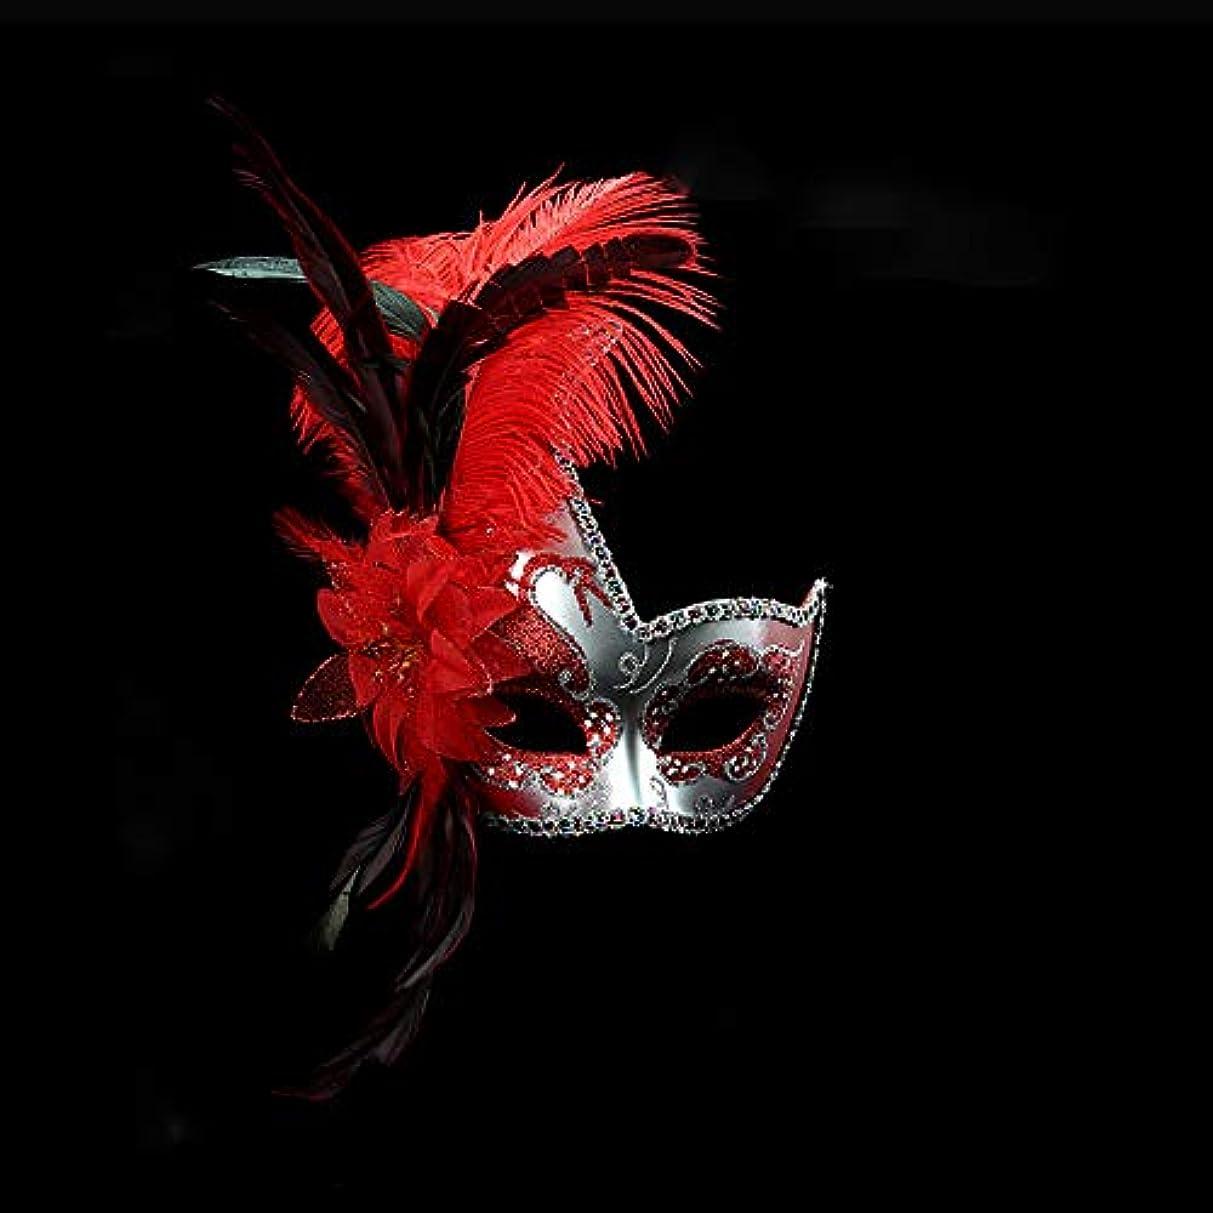 代表する抑圧雪のNanle ハロウィンマスクハーフフェザーマスクベニスプリンセスマスク美容レース仮面ライダーコスプレ (色 : Red)